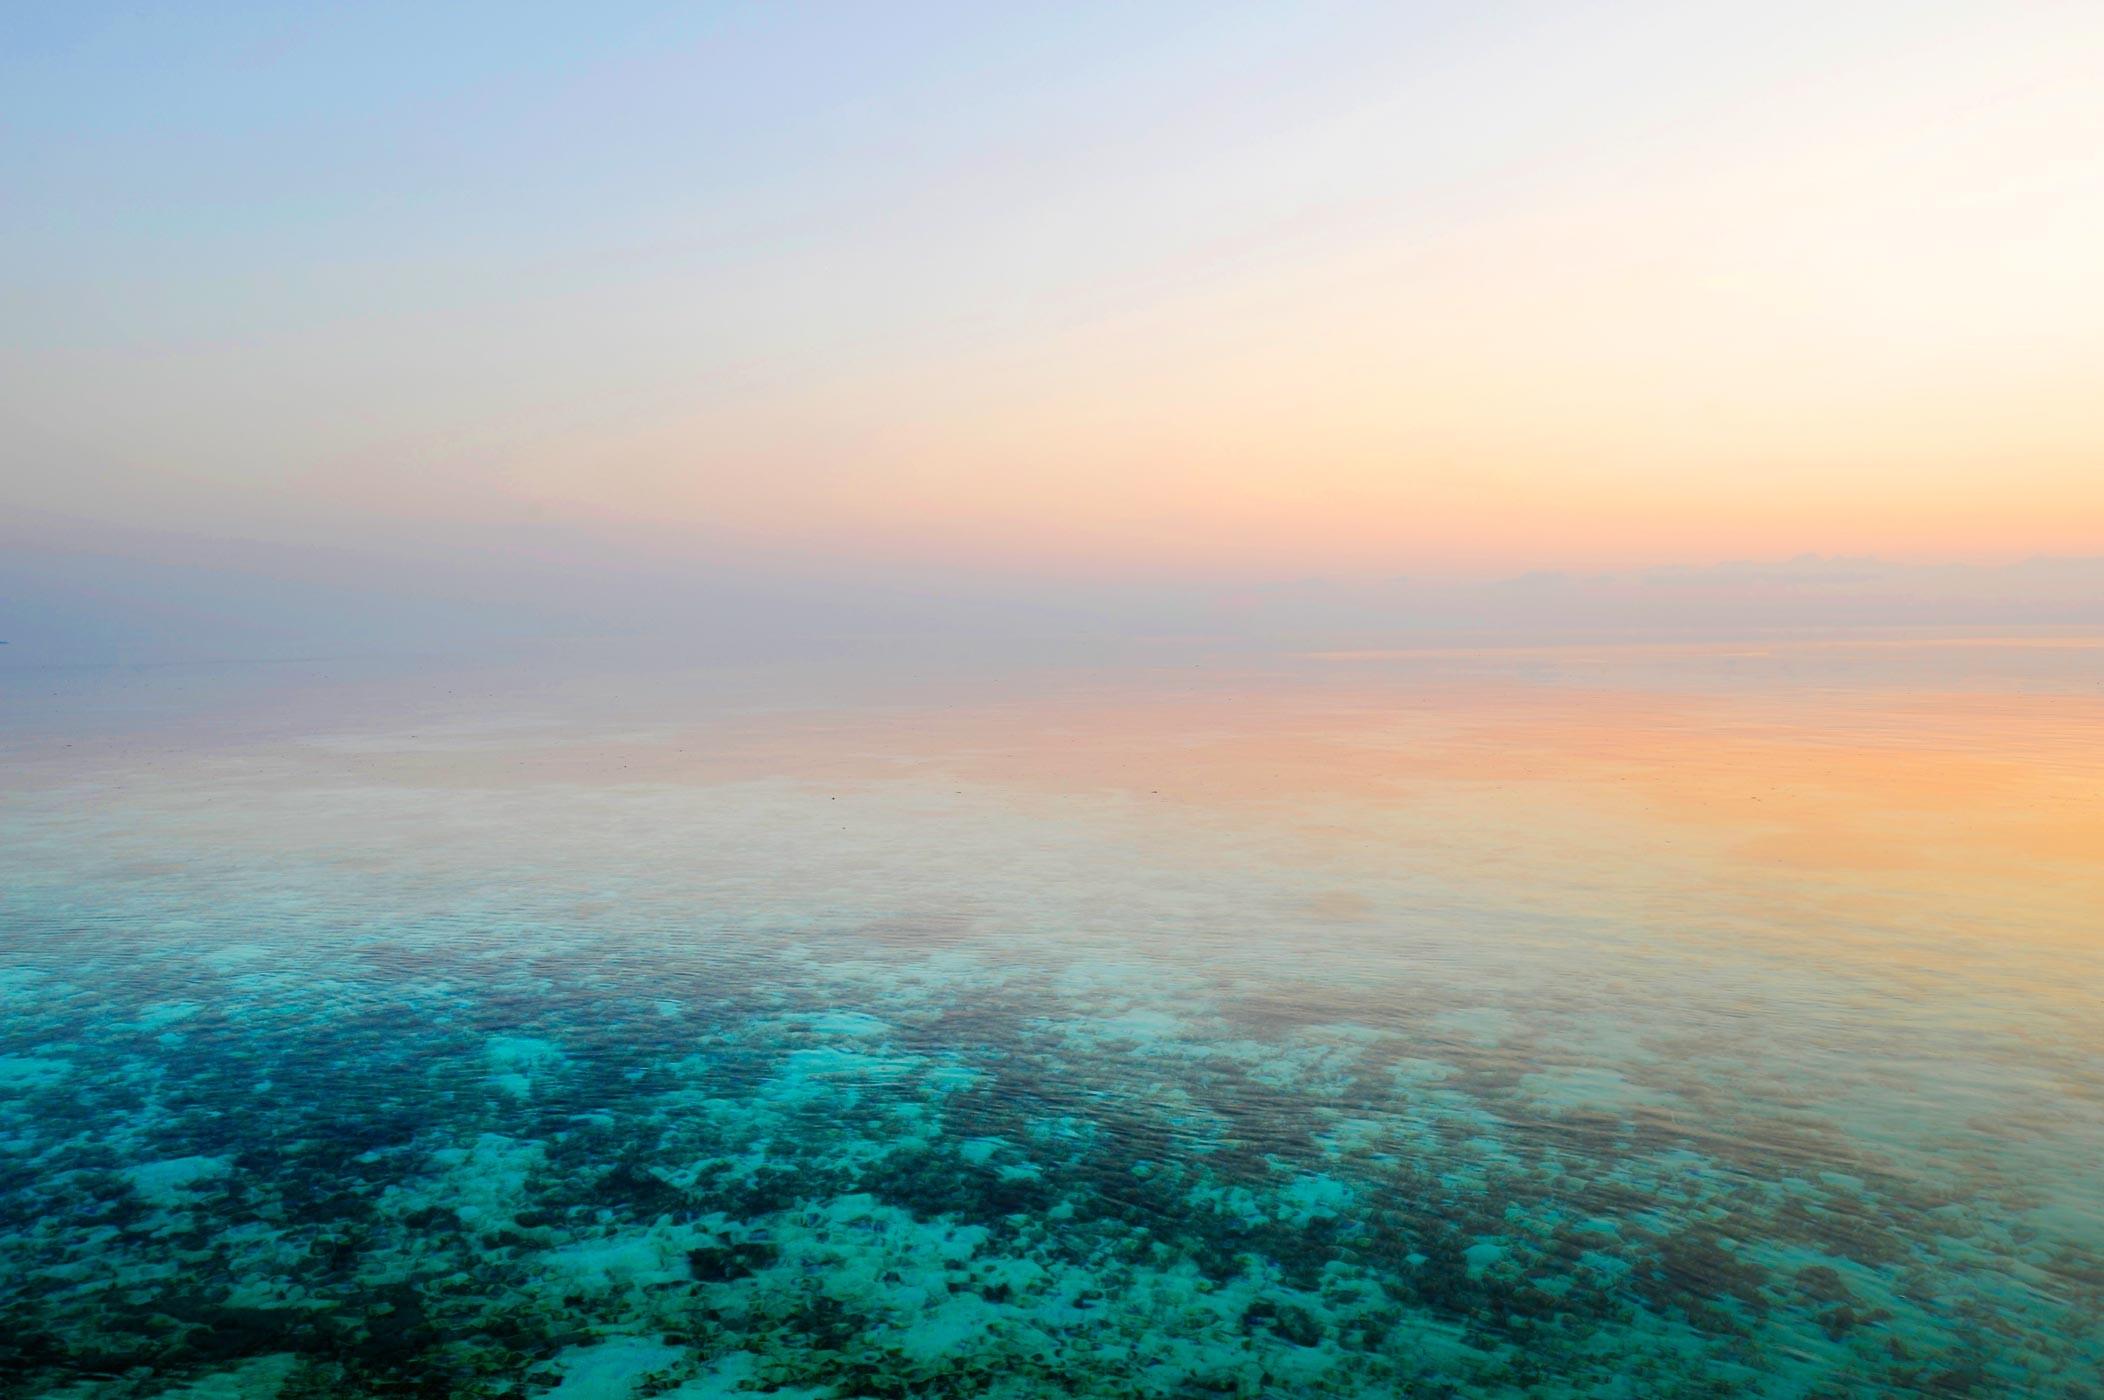 FesduIsland_Maldives_001